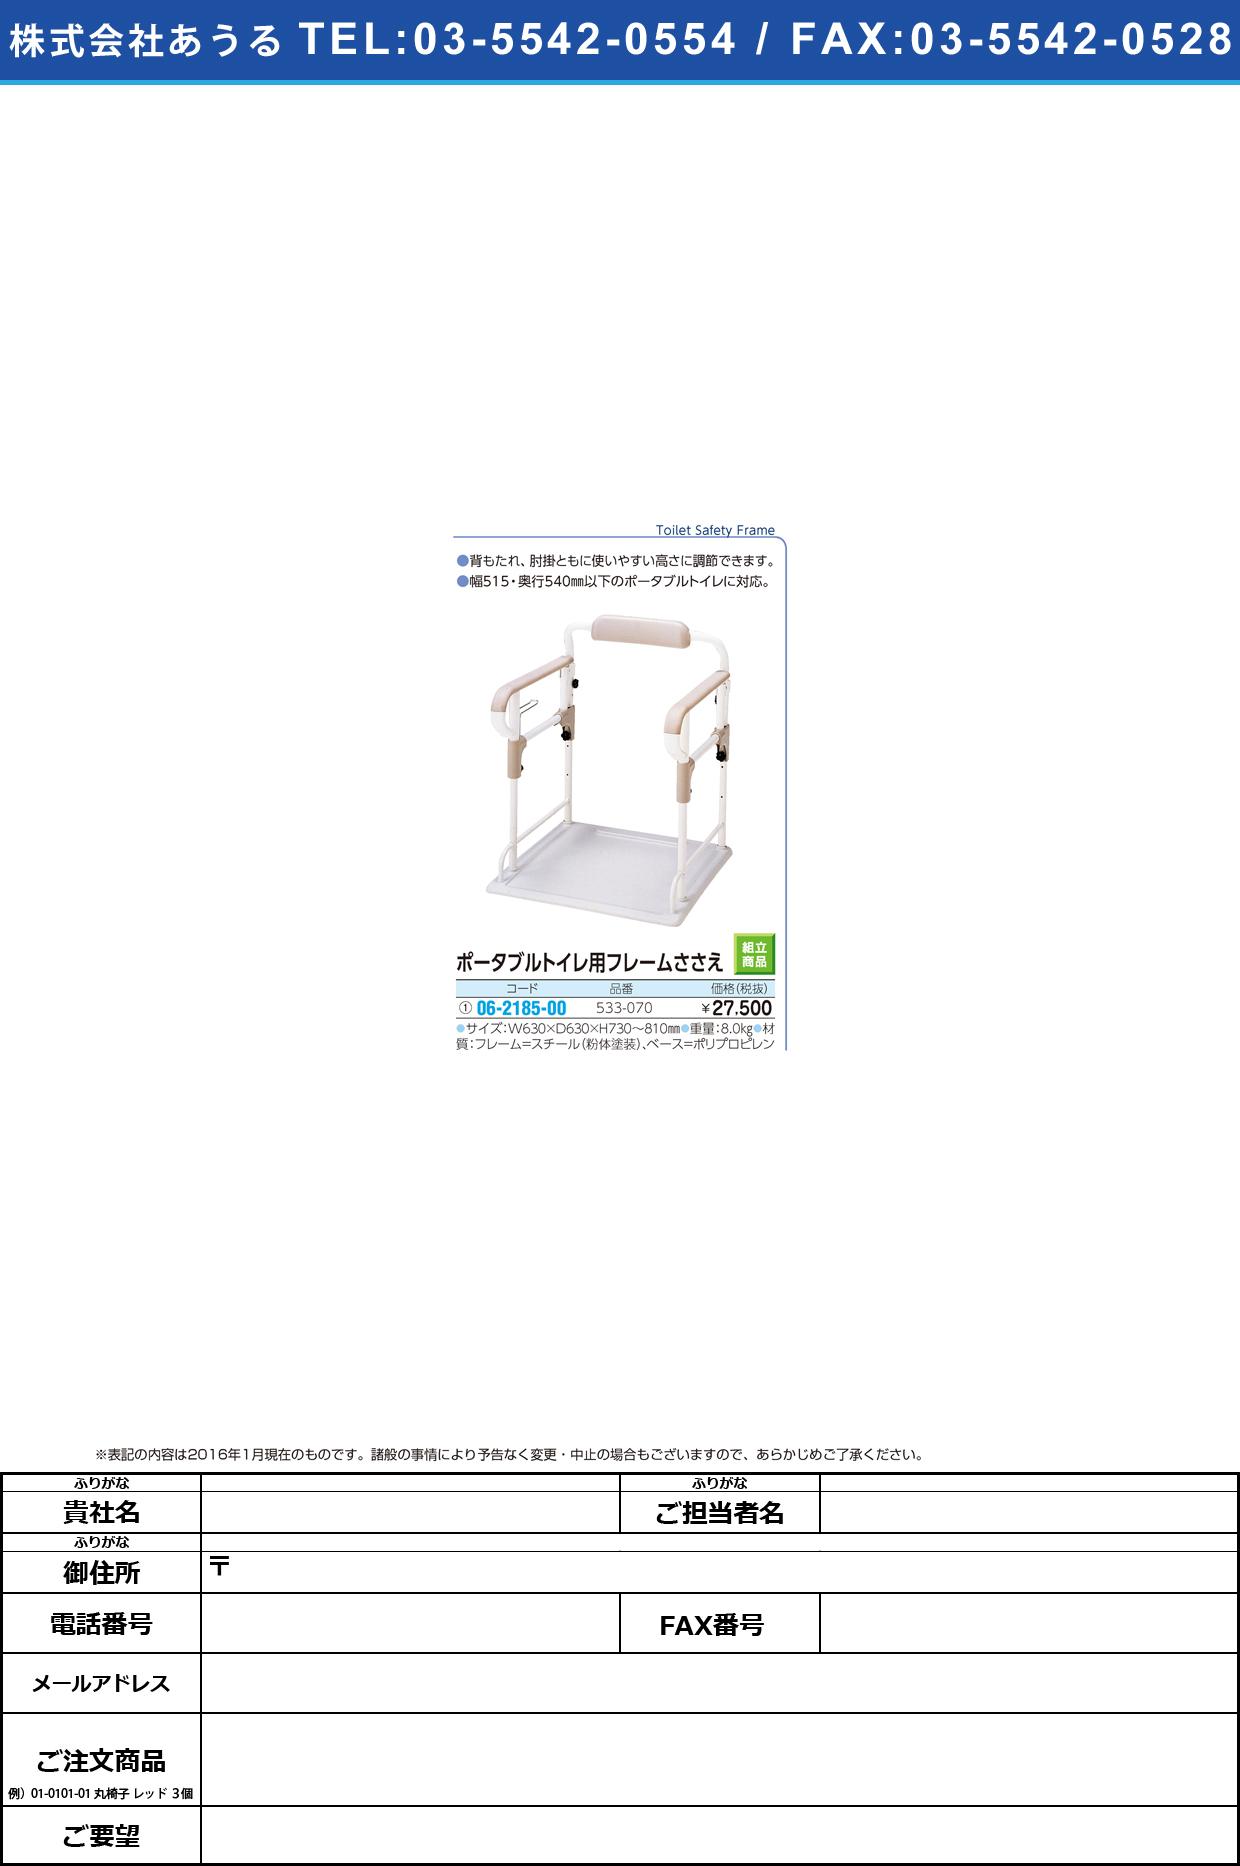 ポータブルトイレ用フレームささえ   ポータブルトイレヨウフレームササエ 533-070【1台単位】